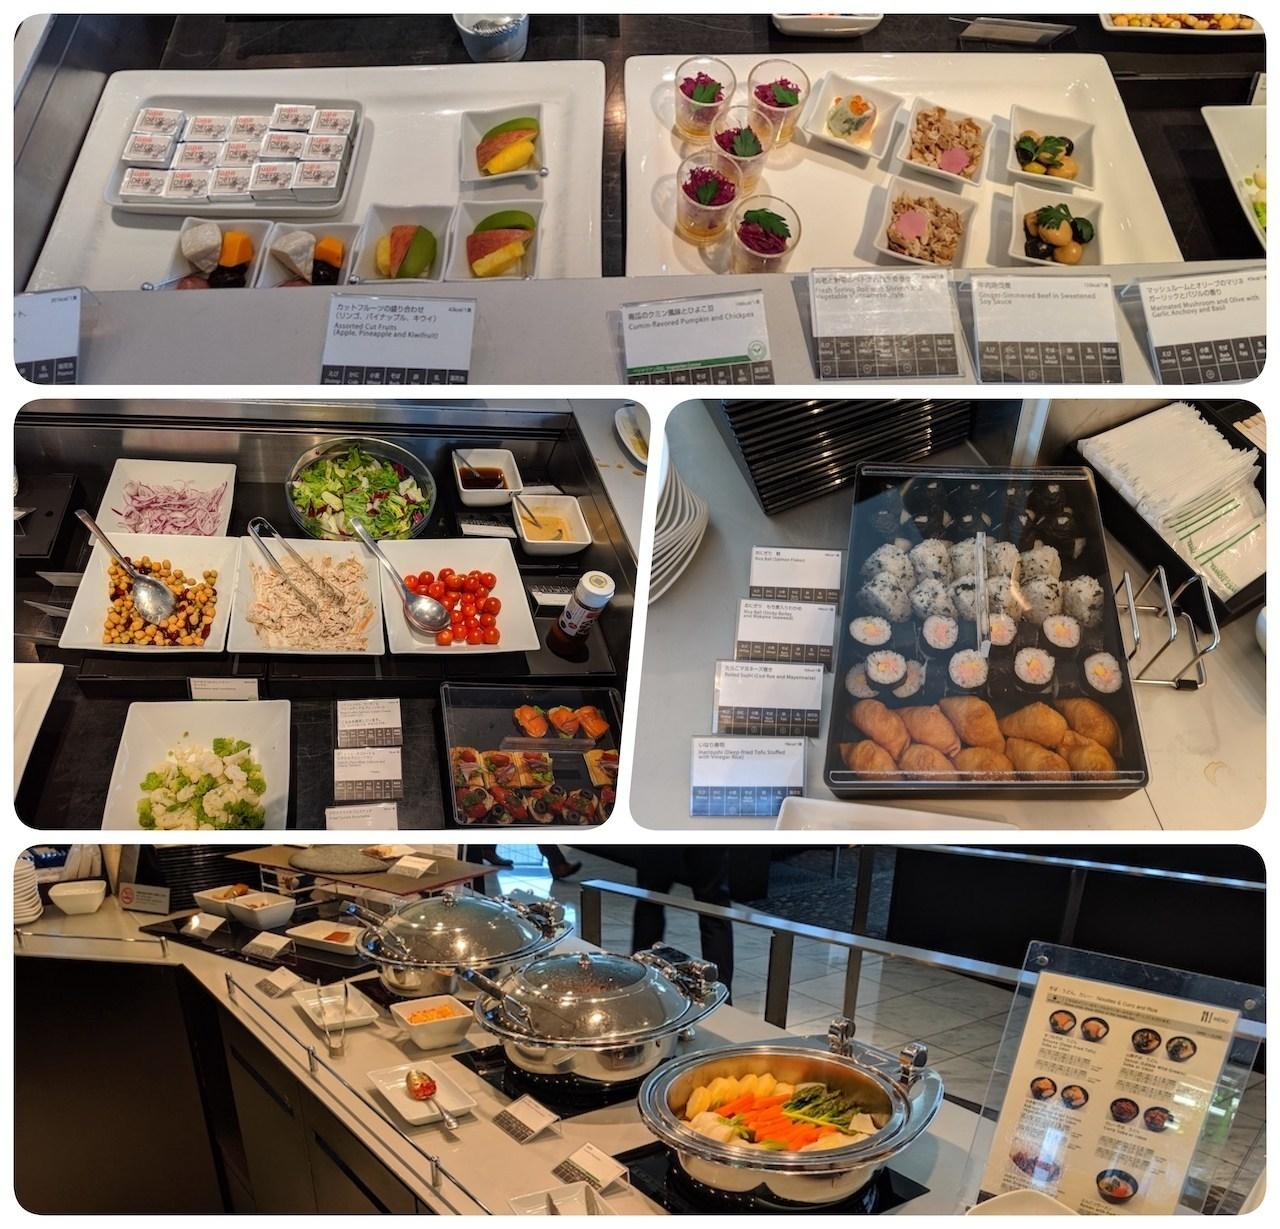 我們最後被直接坐到了用餐區。整個貴賓室有如圖片所示的自助區,必須說真的都不太有特色。尤其是壽司,真的是有辱日本當地的水準,覺得不Ok